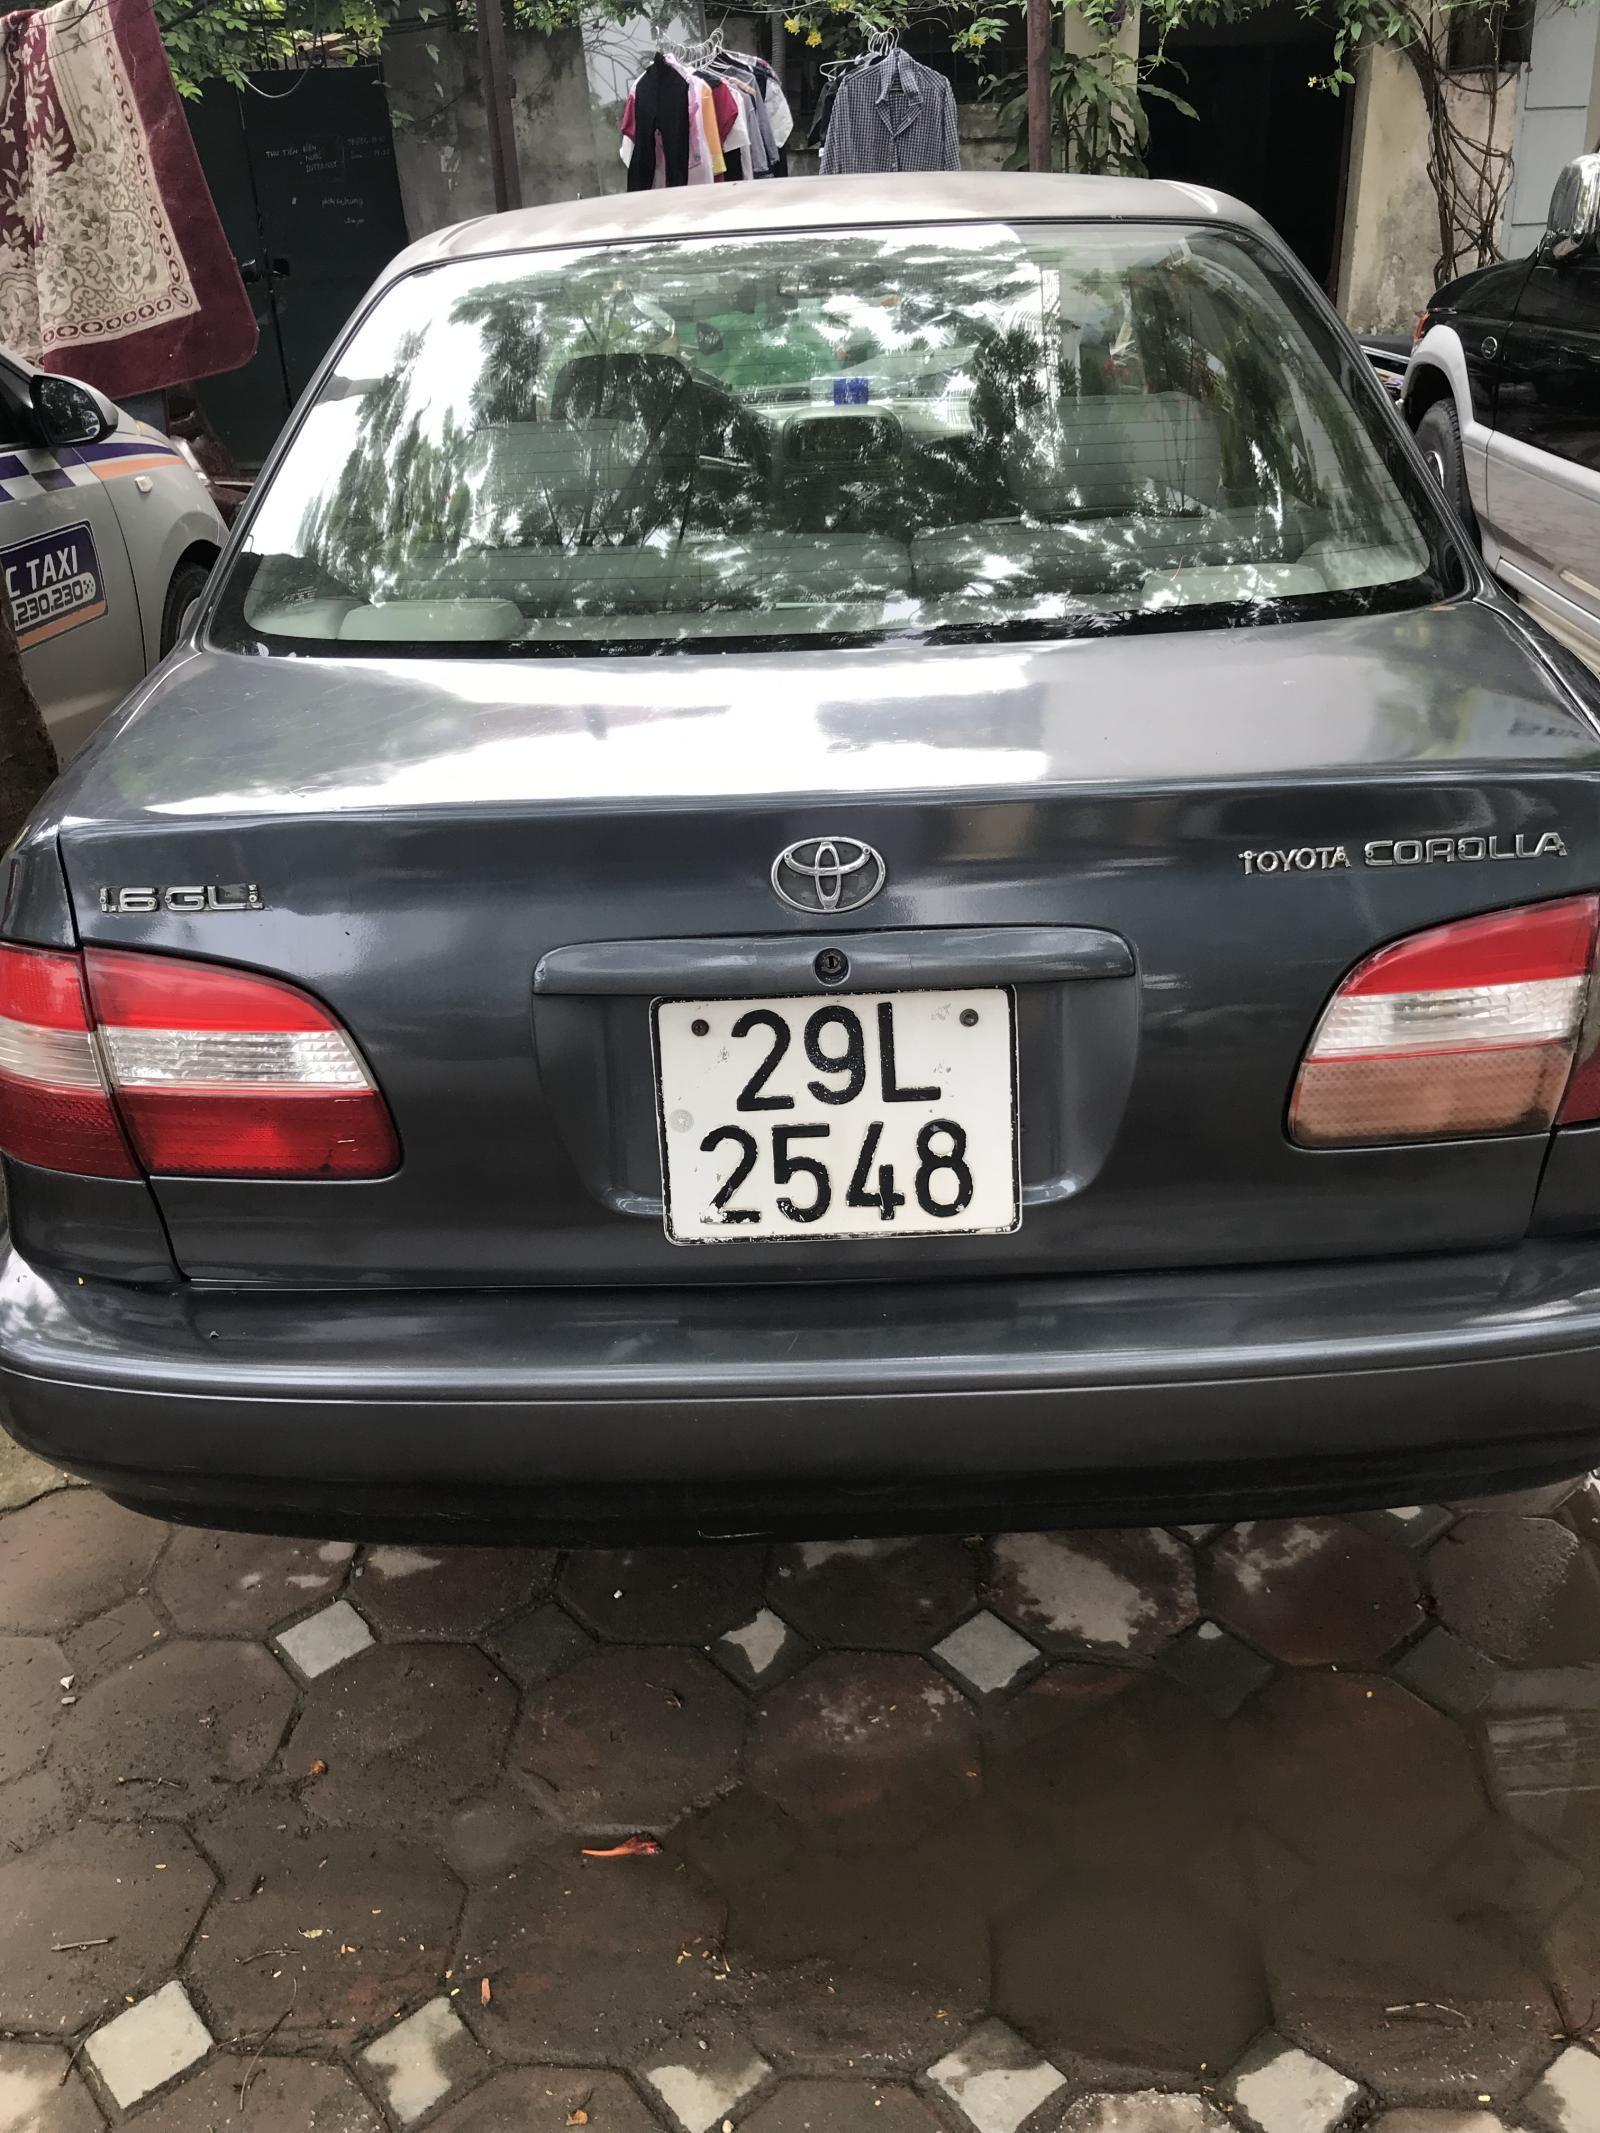 Cần bán xe Toyota Corolla G 1997, màu xám, nhập khẩu nguyên chiếc Nhật Bản